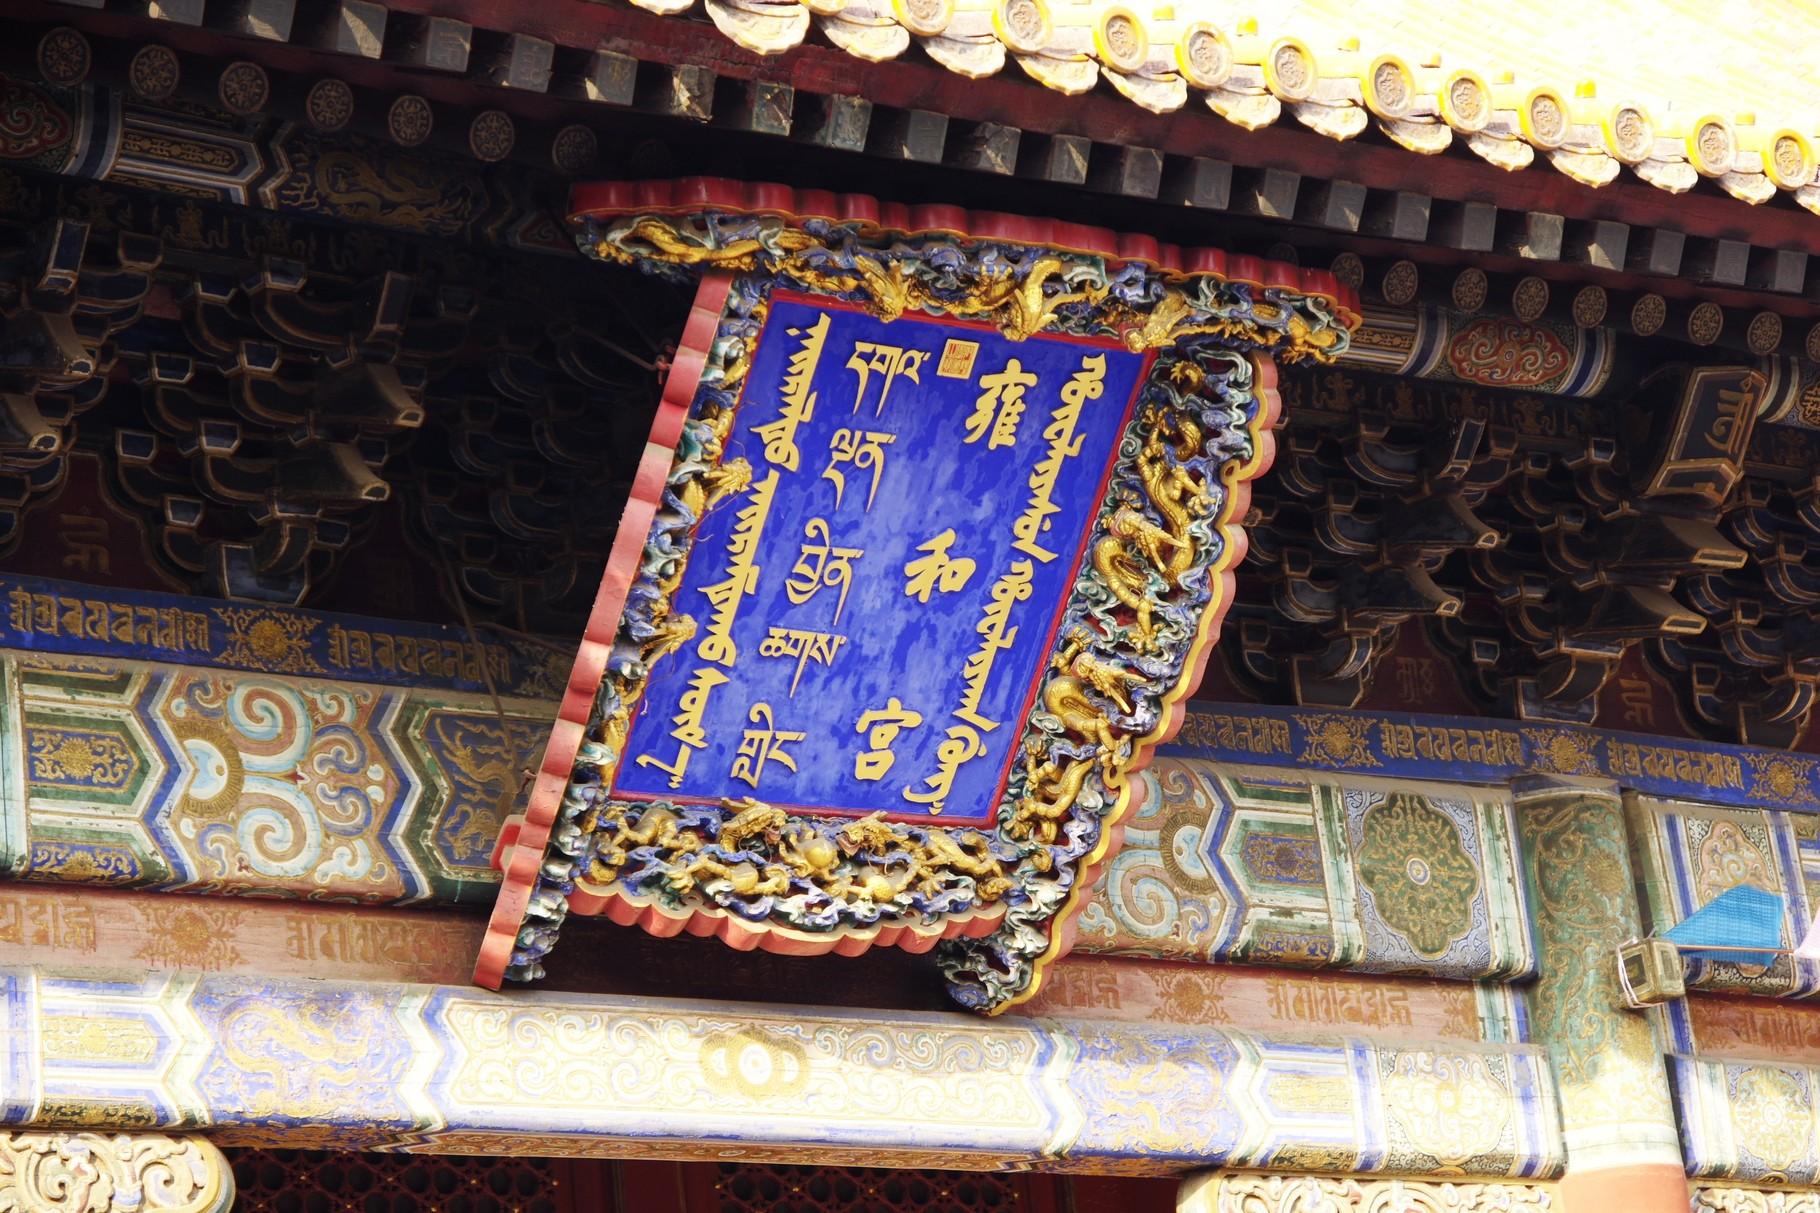 第二の主殿 雍和宮(三世仏=過去仏燃灯仏・現在仏釈迦牟尼・未来仏弥勒仏、十八羅漢)